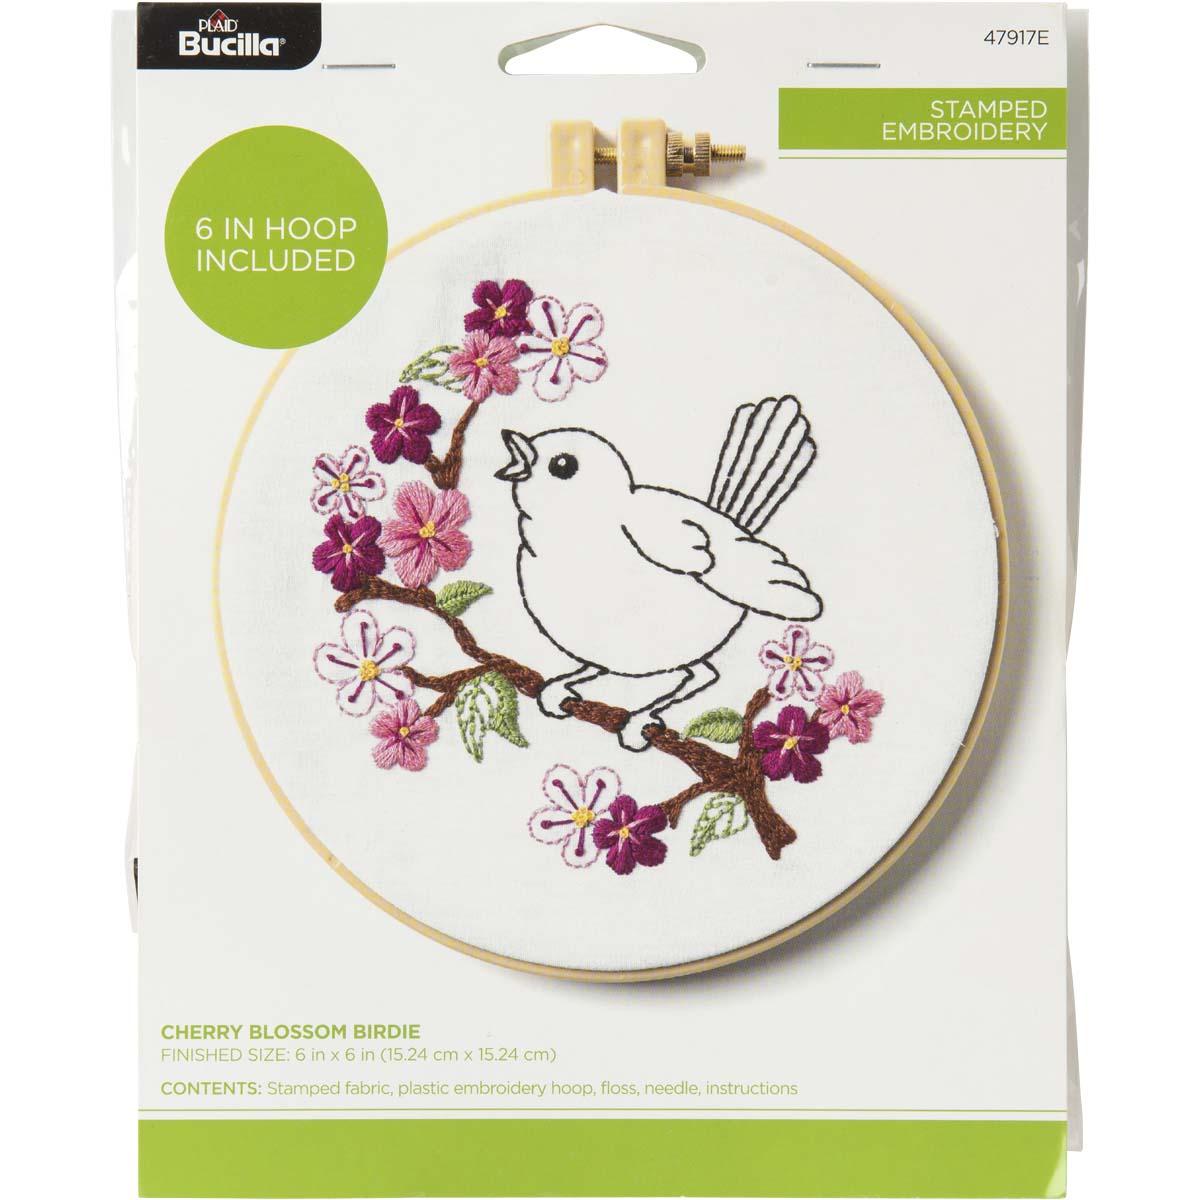 Bucilla ® Stamped Embroidery - Cherry Blossom Birdie - 47917E